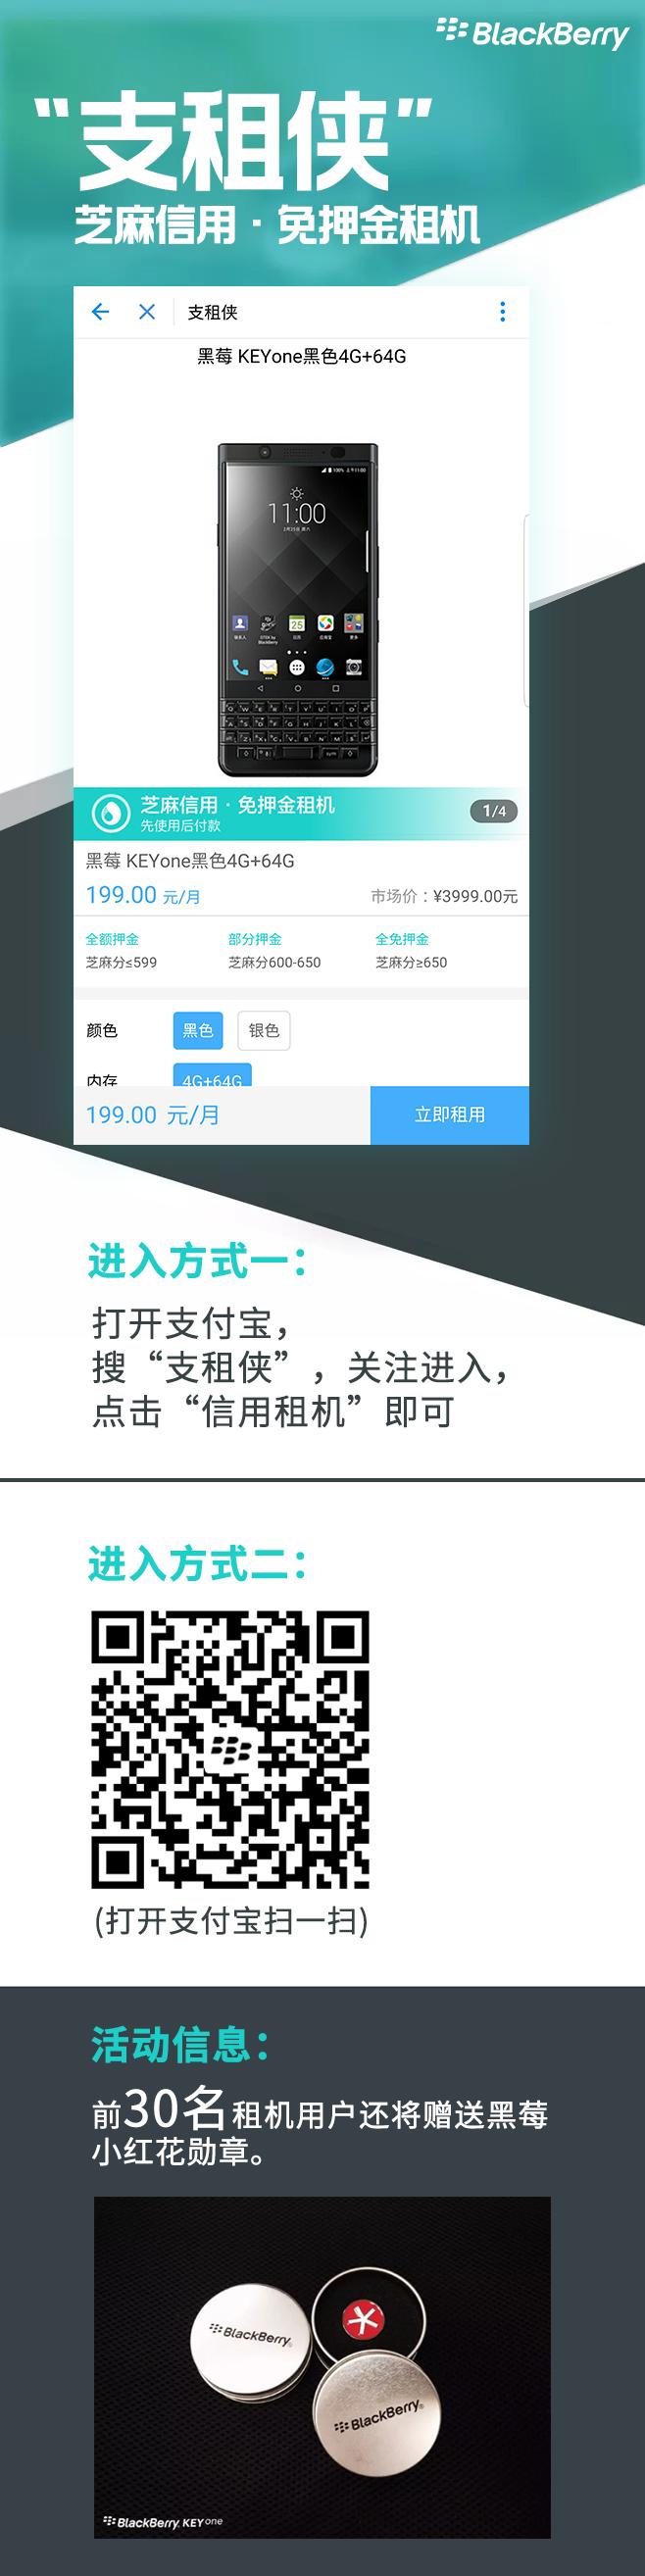 """""""支租侠"""" 芝麻信用,免押金租黑莓KEYone手机"""